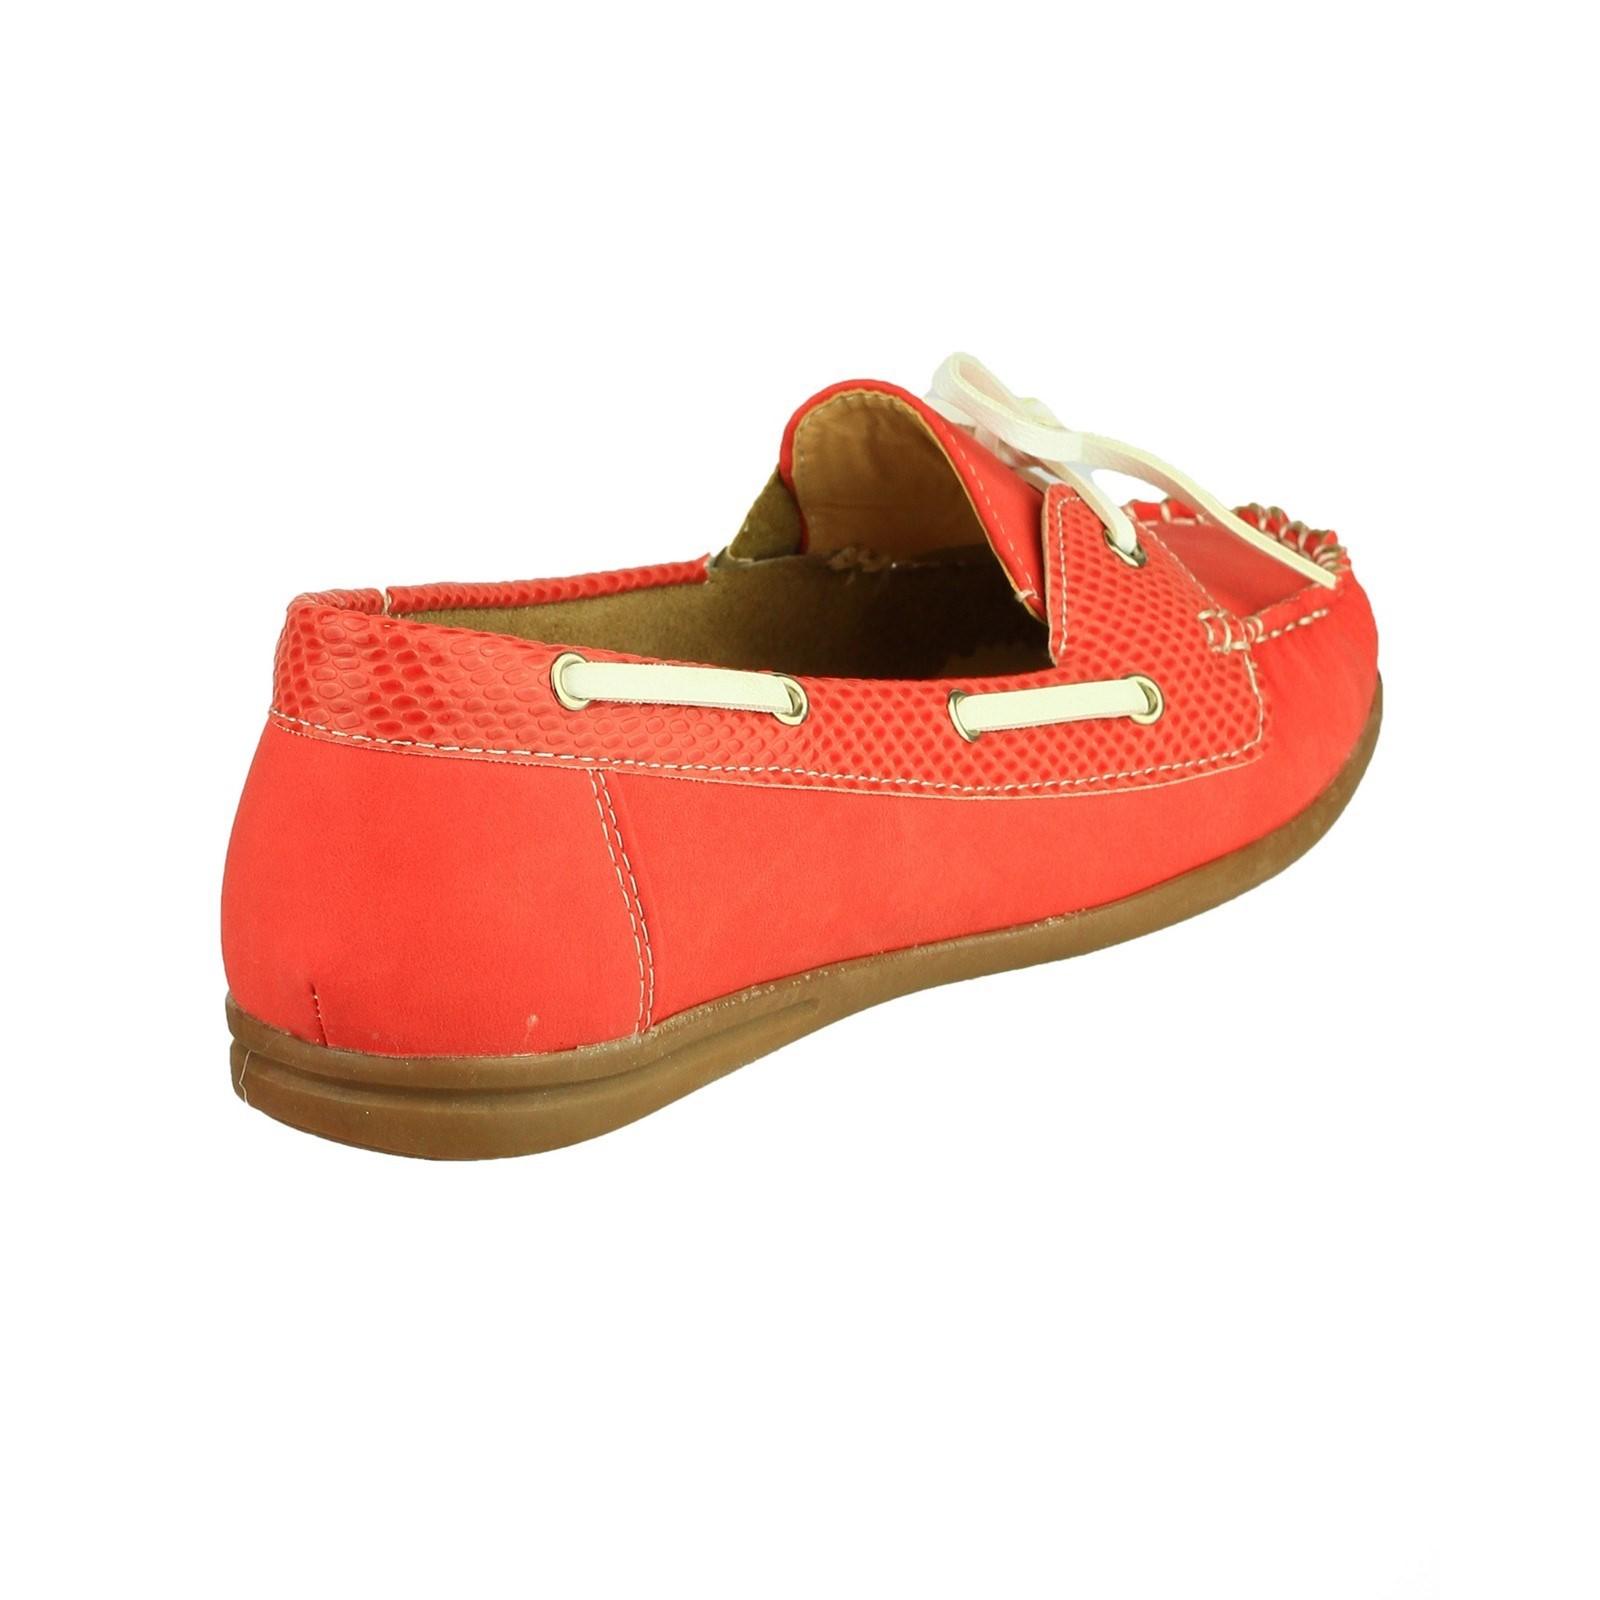 Llegar A Comprar A La Venta Sneakers casual con stringhe per donna Divaz Estilo De La Moda Para La Venta Descuento Salida Auténtico Comprar Barato Precio Más Bajo qQ1H3dAq87